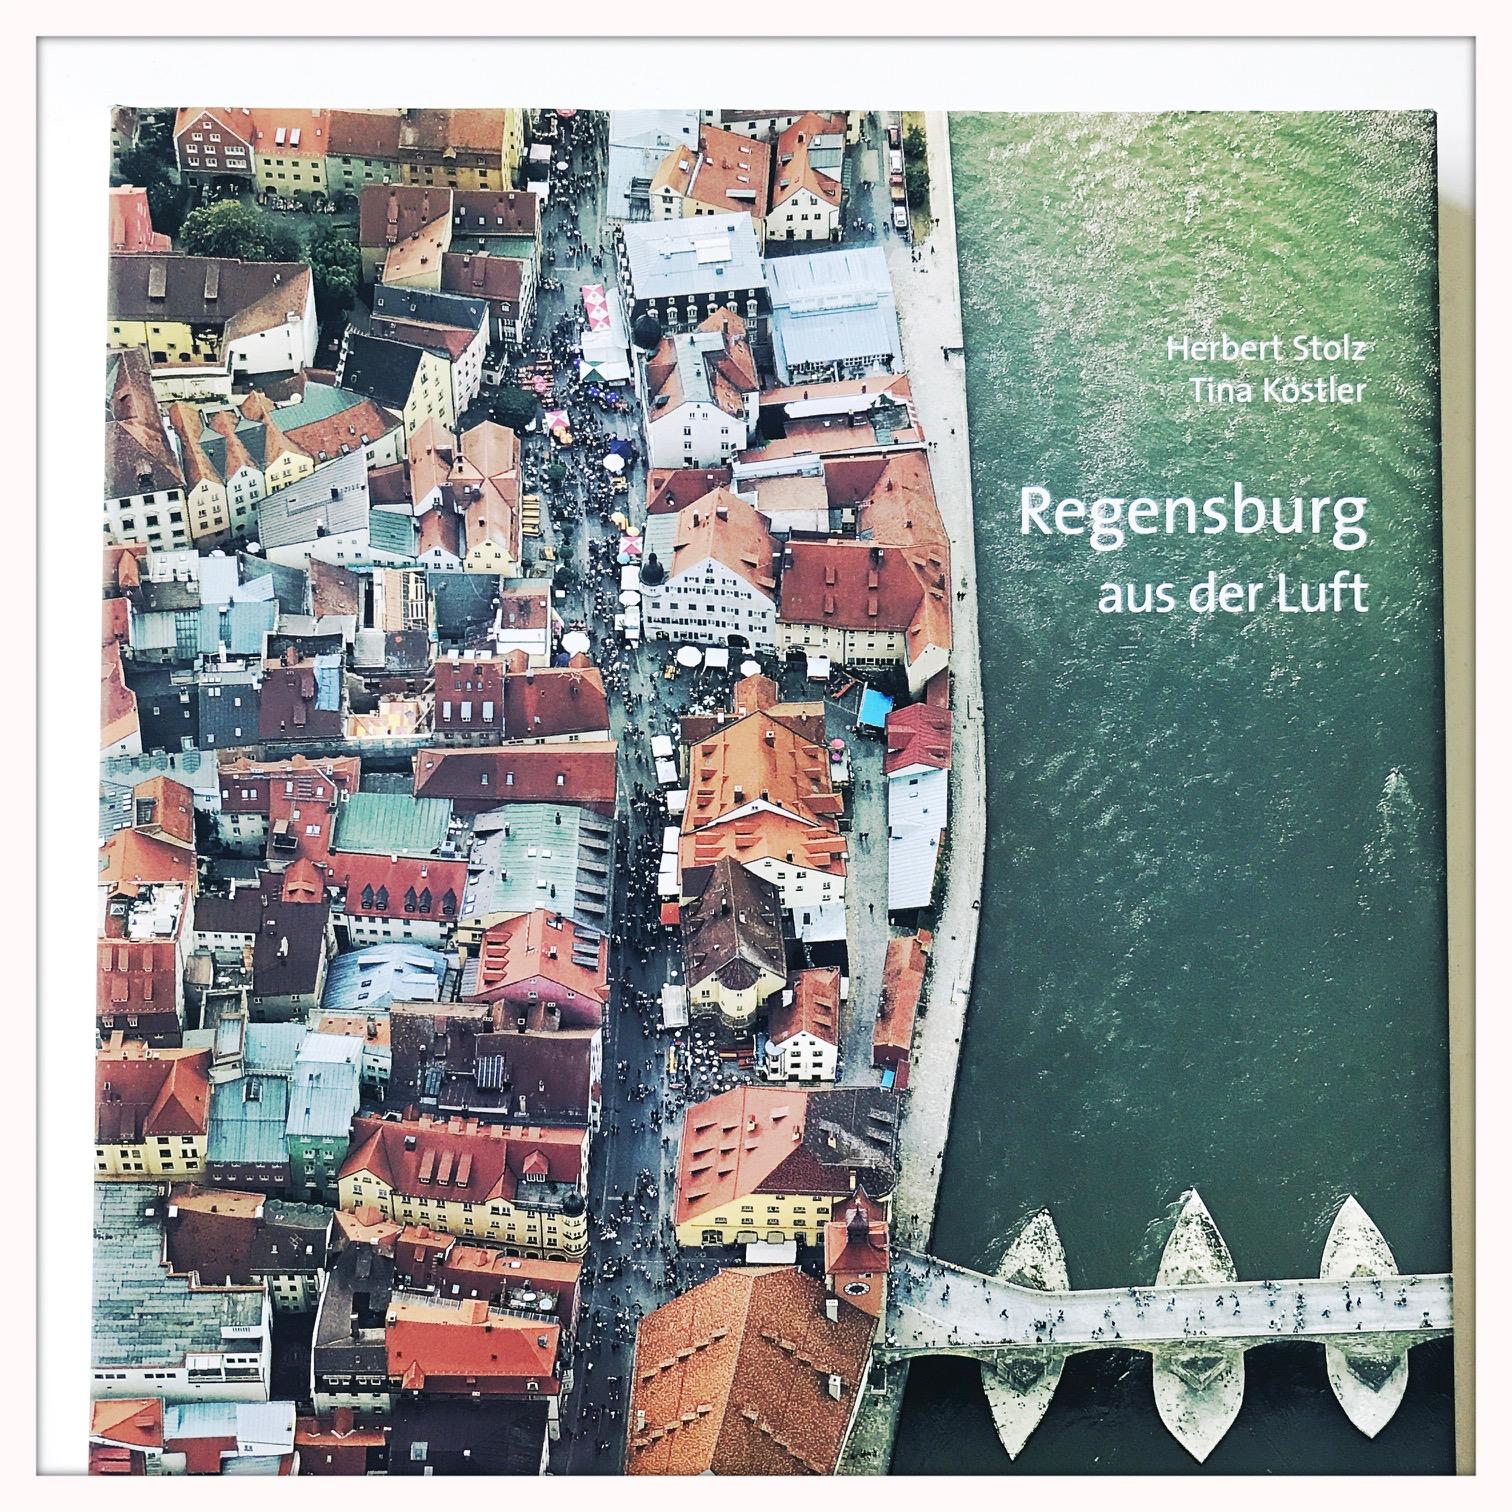 Luftbildbuch | Pustet Verlag